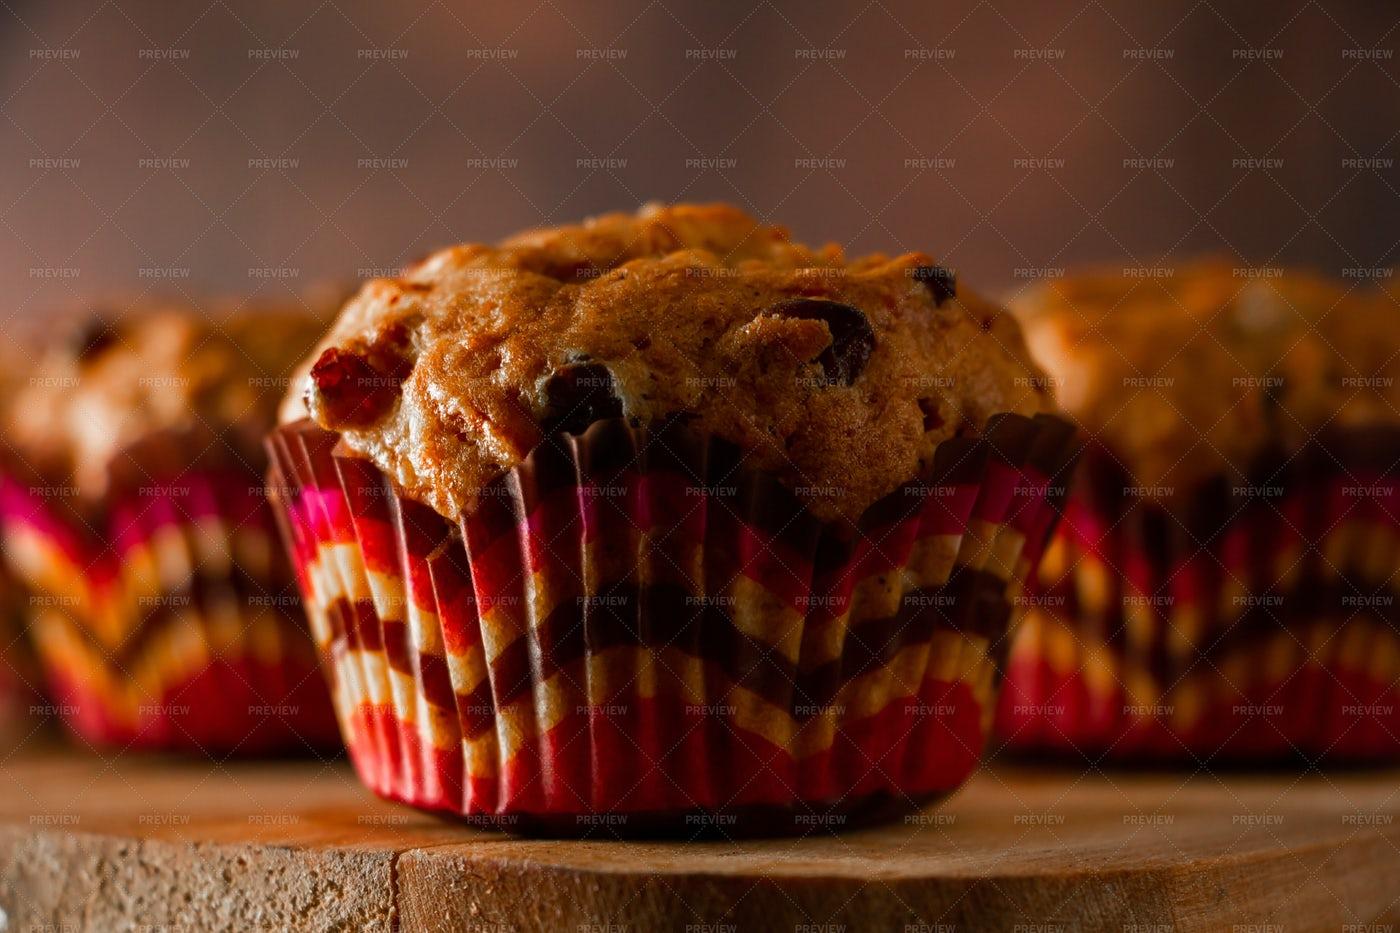 Homemade Cupcakes: Stock Photos